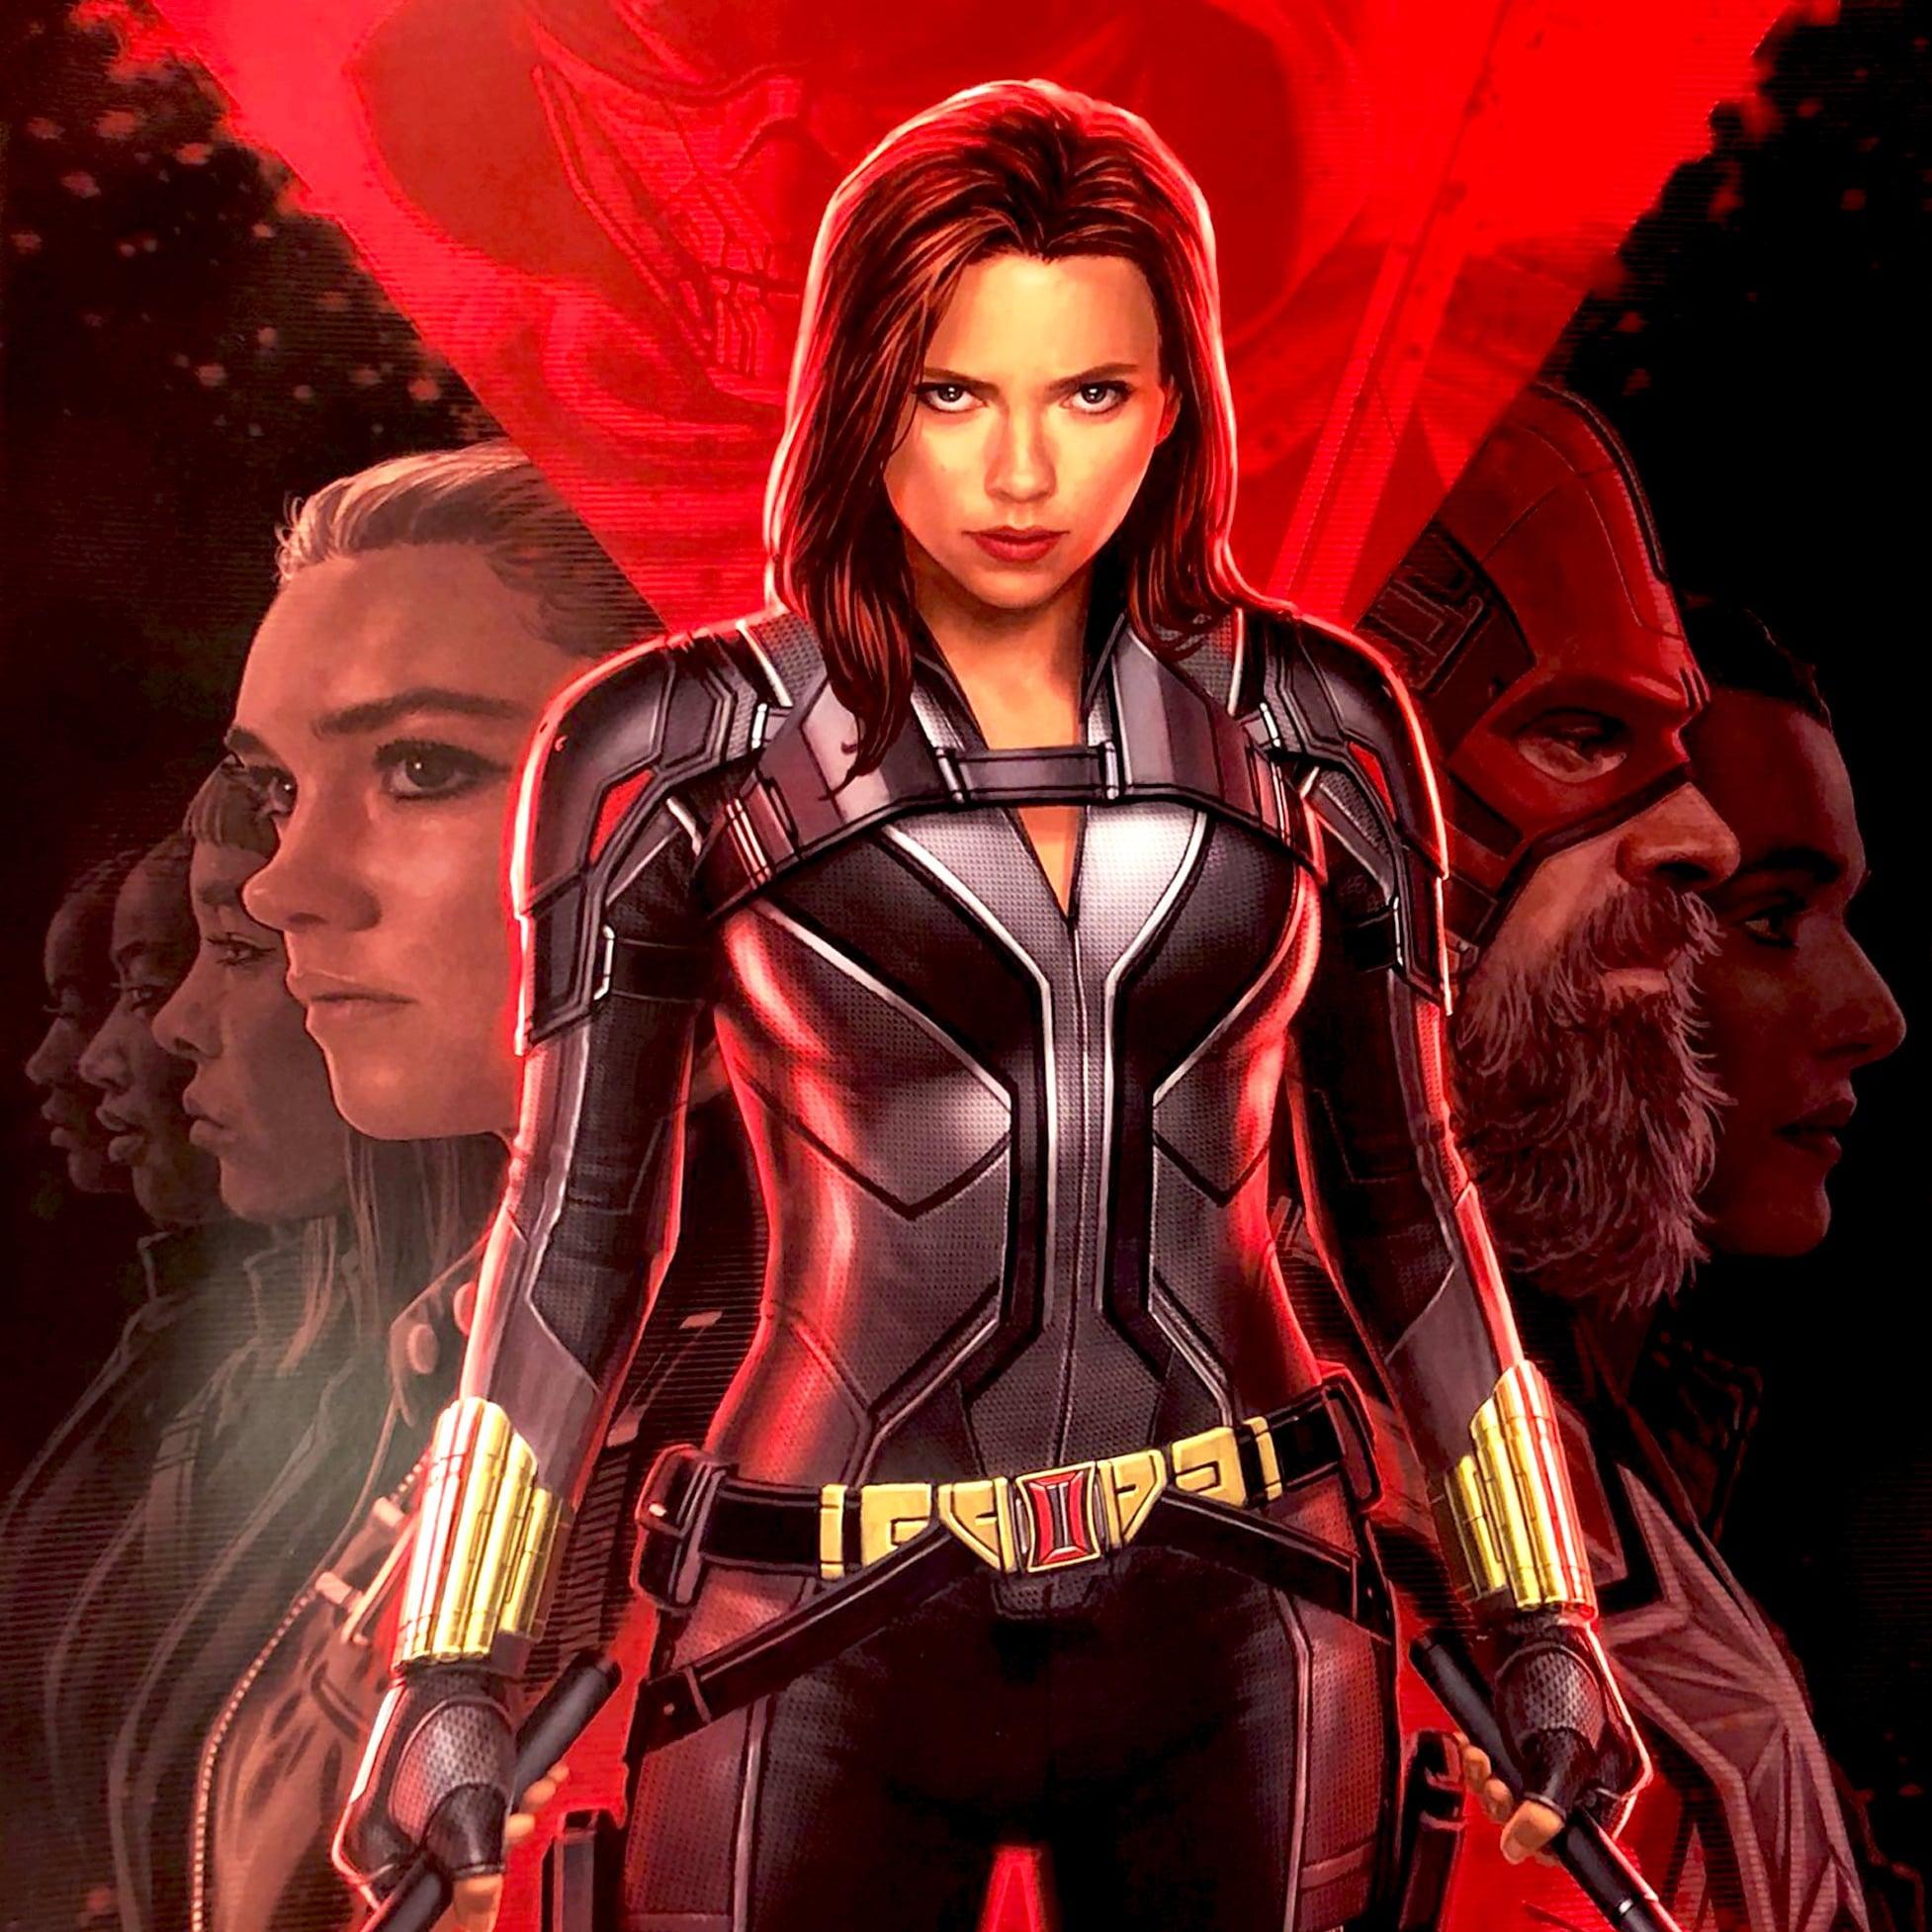 Marvel Black Widow Movie Poster Popsugar Entertainment